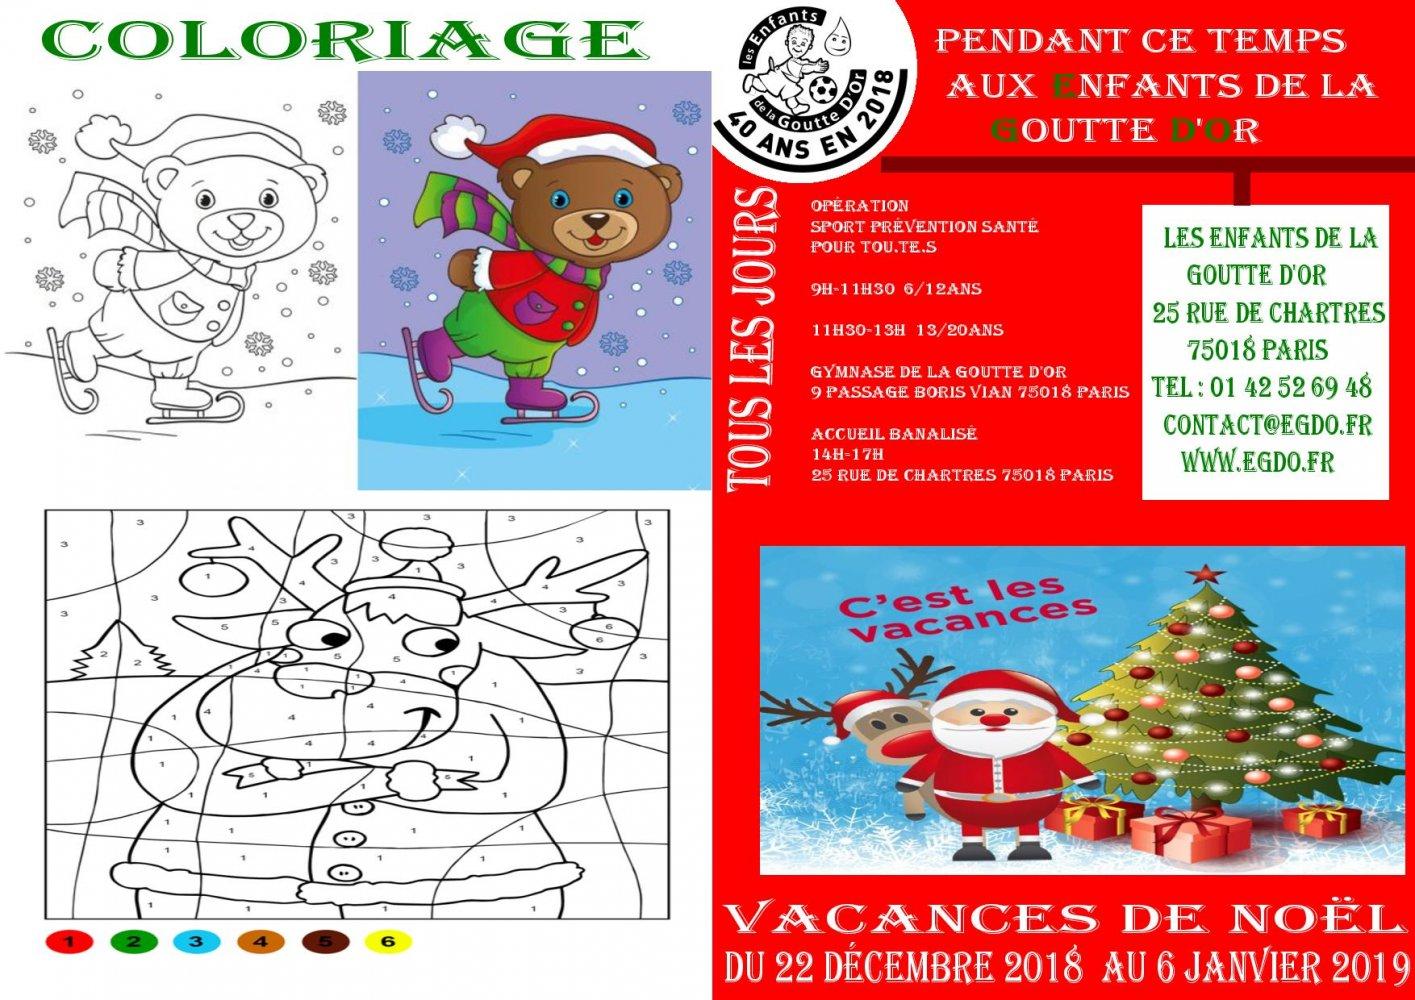 Coloriage Gymnase Ecole.Les Vacances De Noel A La Goutte D Or